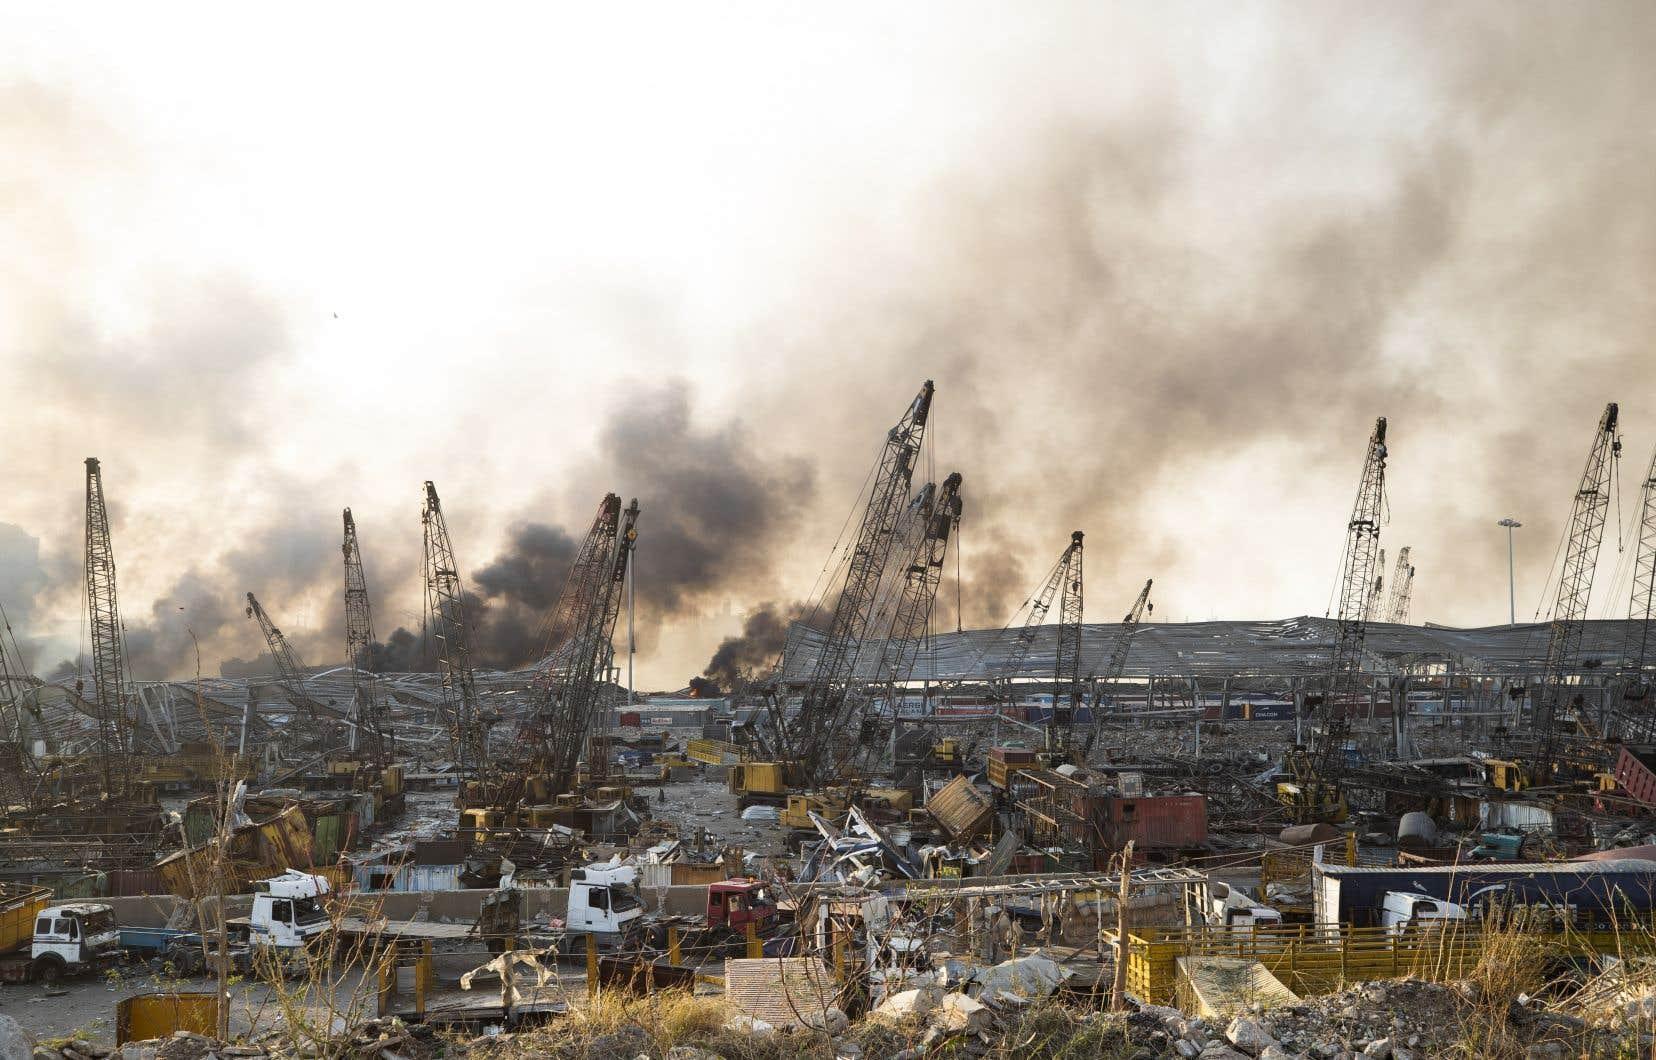 Des dégâts visibles après l'immense explosion dans le secteur du port de Beyrouth